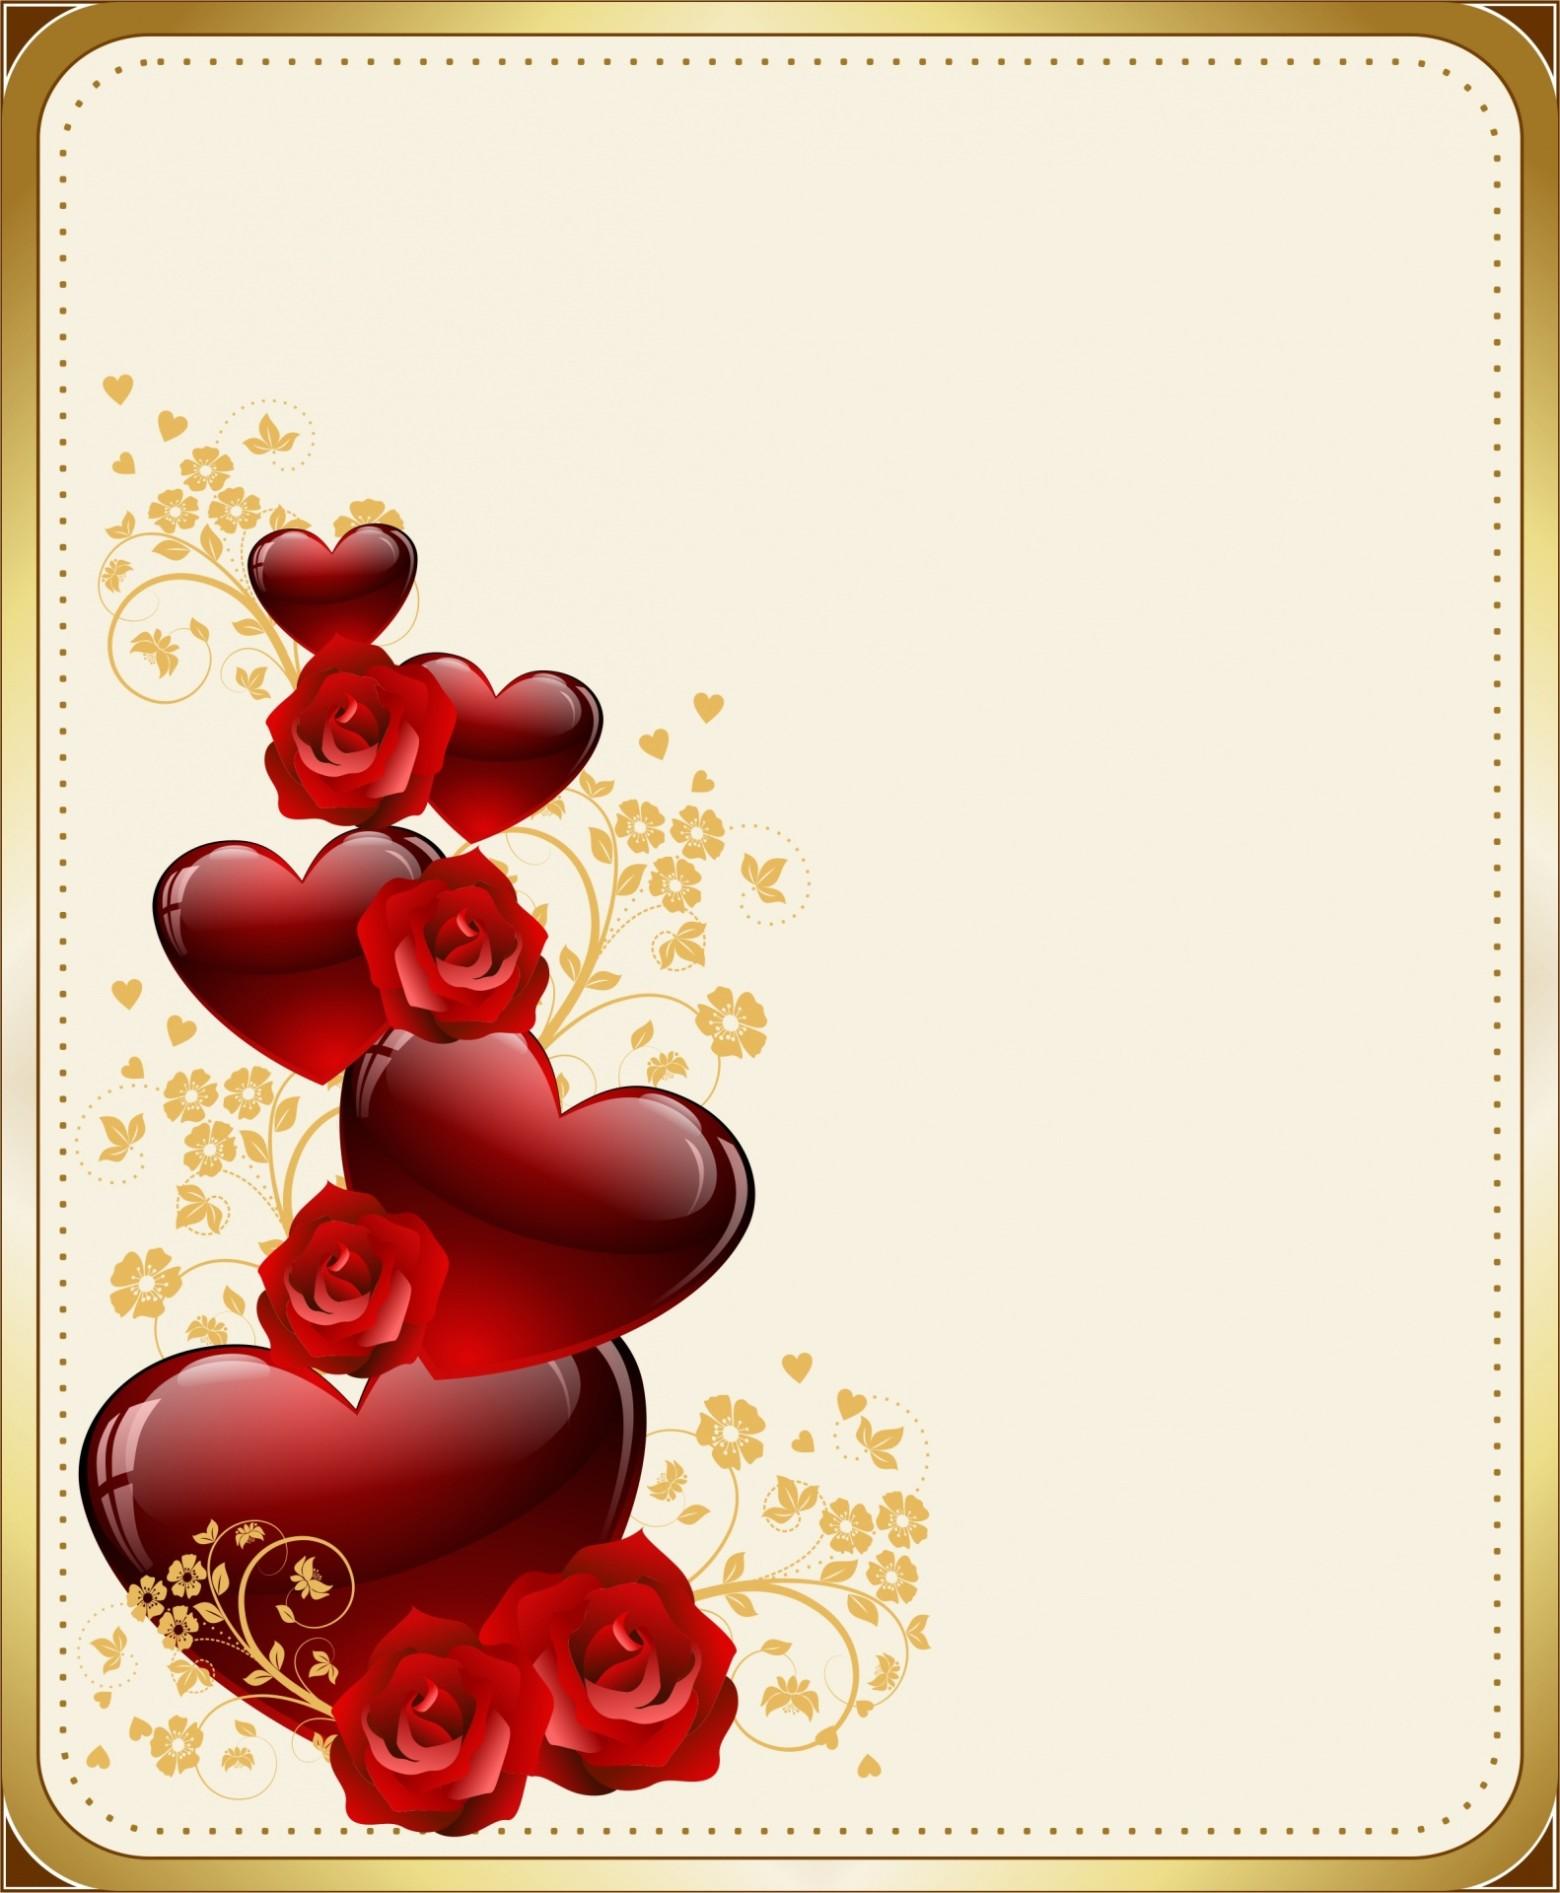 Image Gratuite Saint Valentin Coeur Amour Images Gratuites Et Libres De Droits